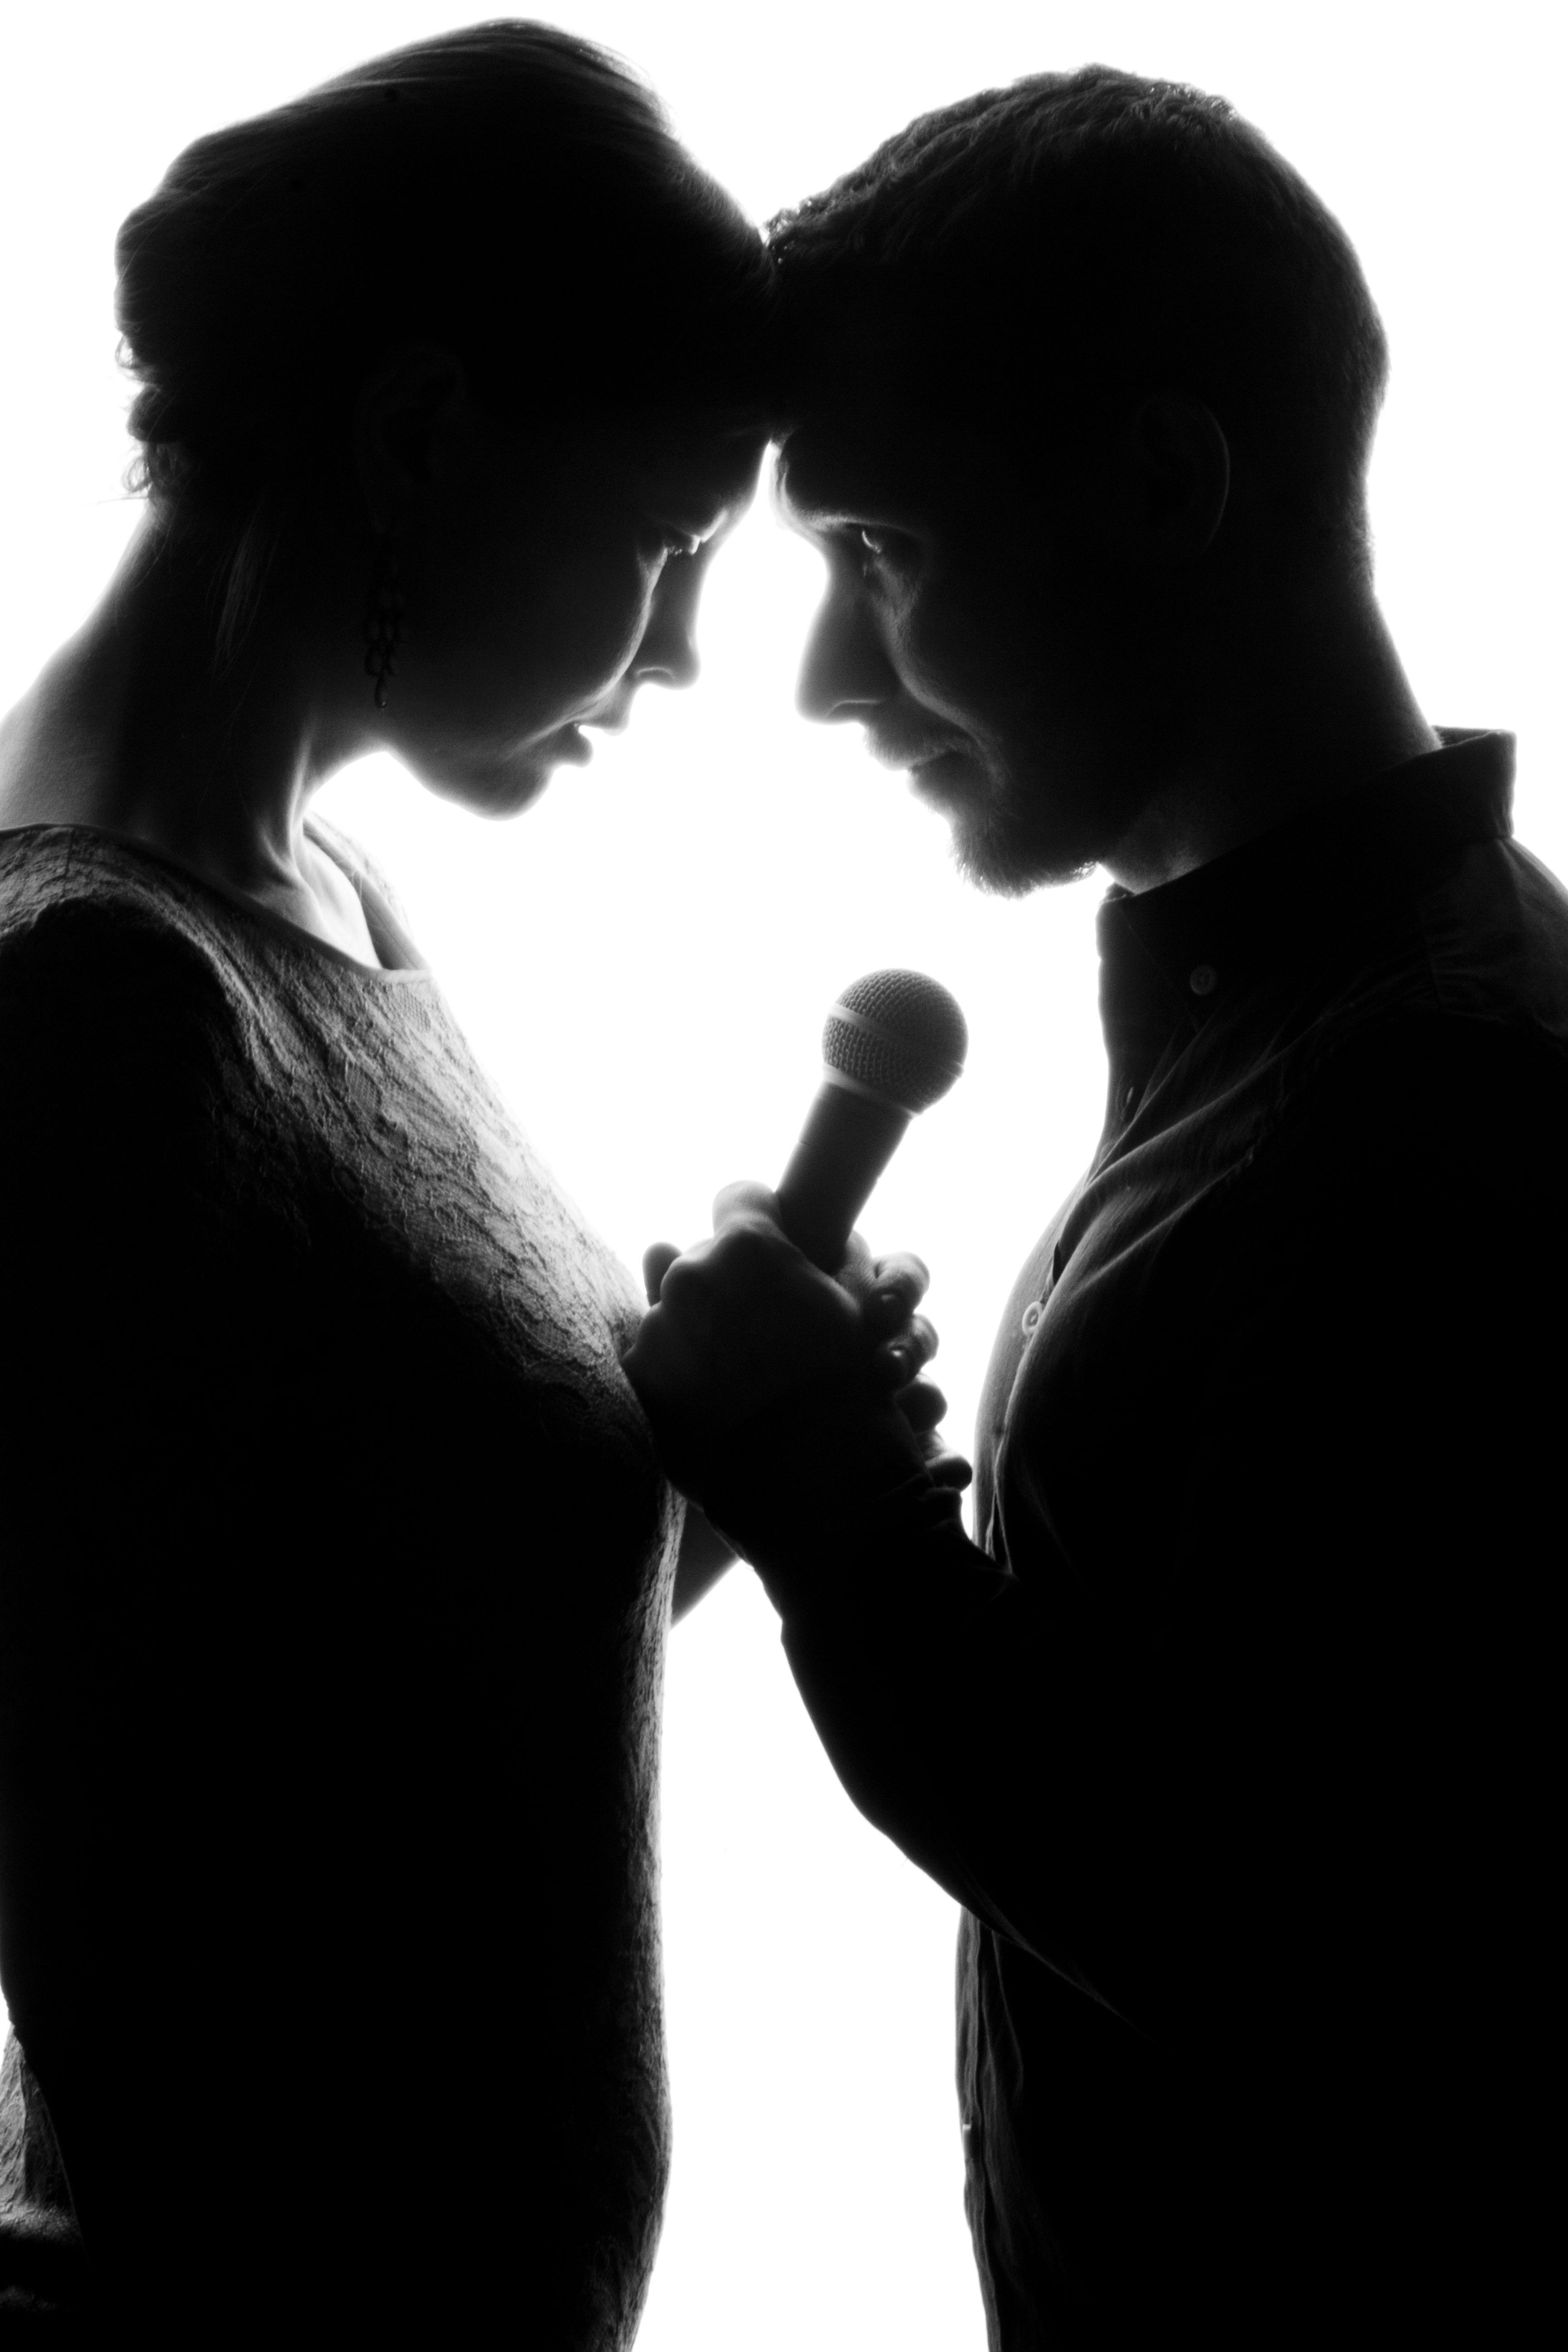 event-musik-duo.de Voice'n'Keys Hochzeit Hochzeitssänger Hochzeitsmusik Hochzeitslied Firmenevent Trauerfeier Vernissage Geburtstag Antrag 4